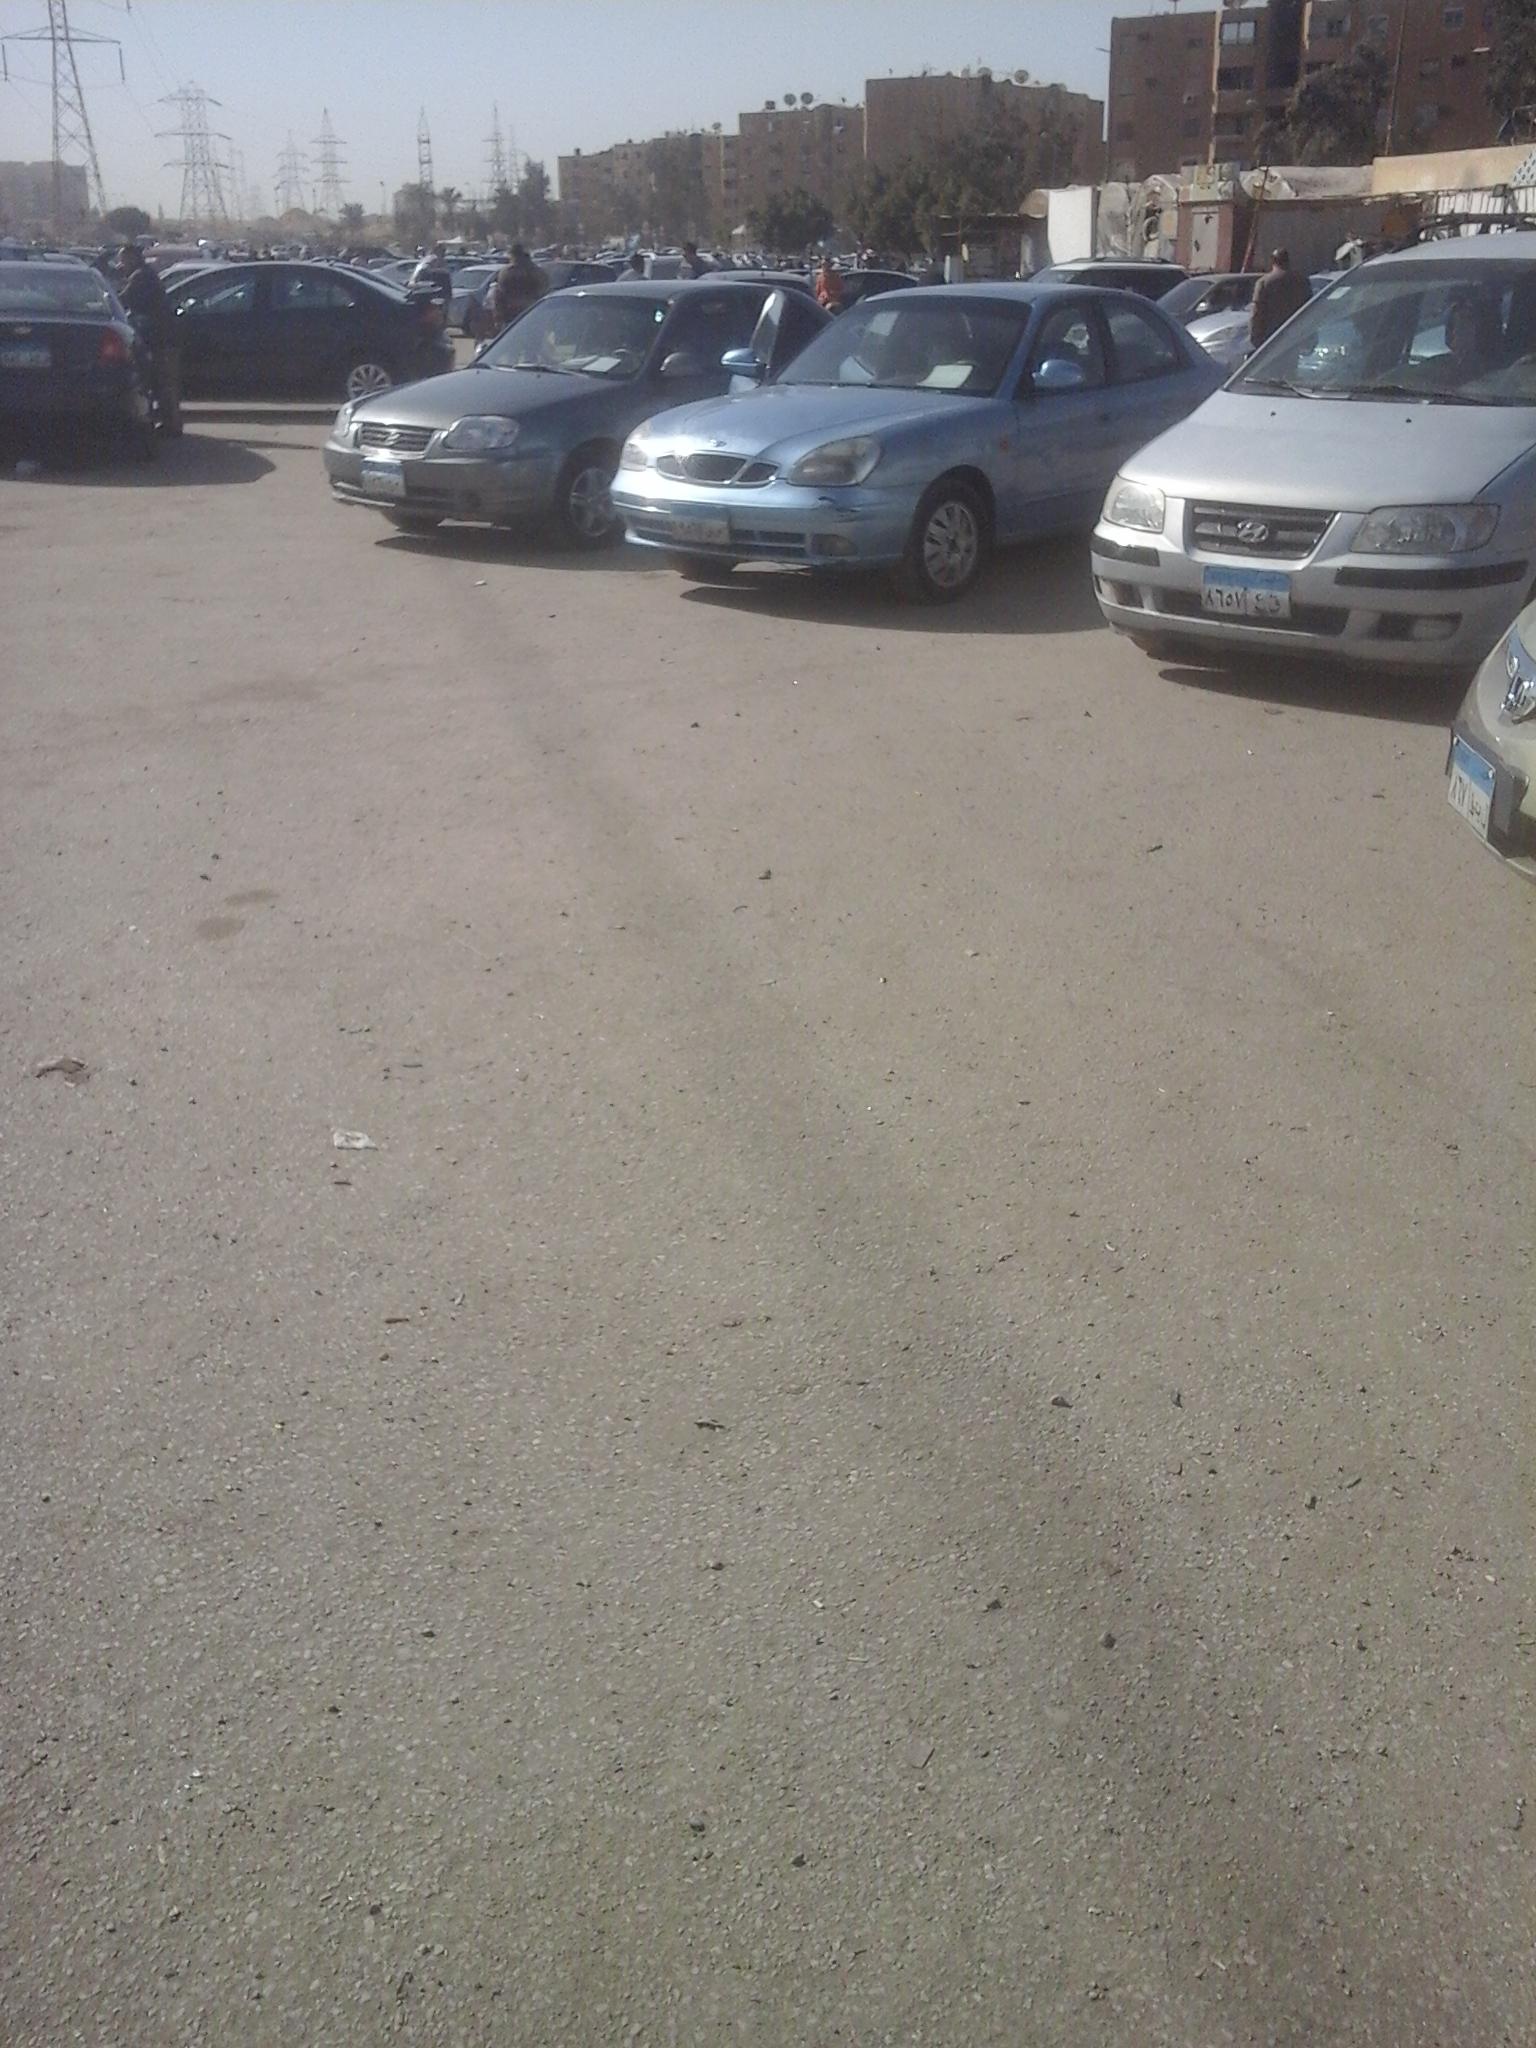 سيارات مستعملة تتزين لاستقبال الزبائن